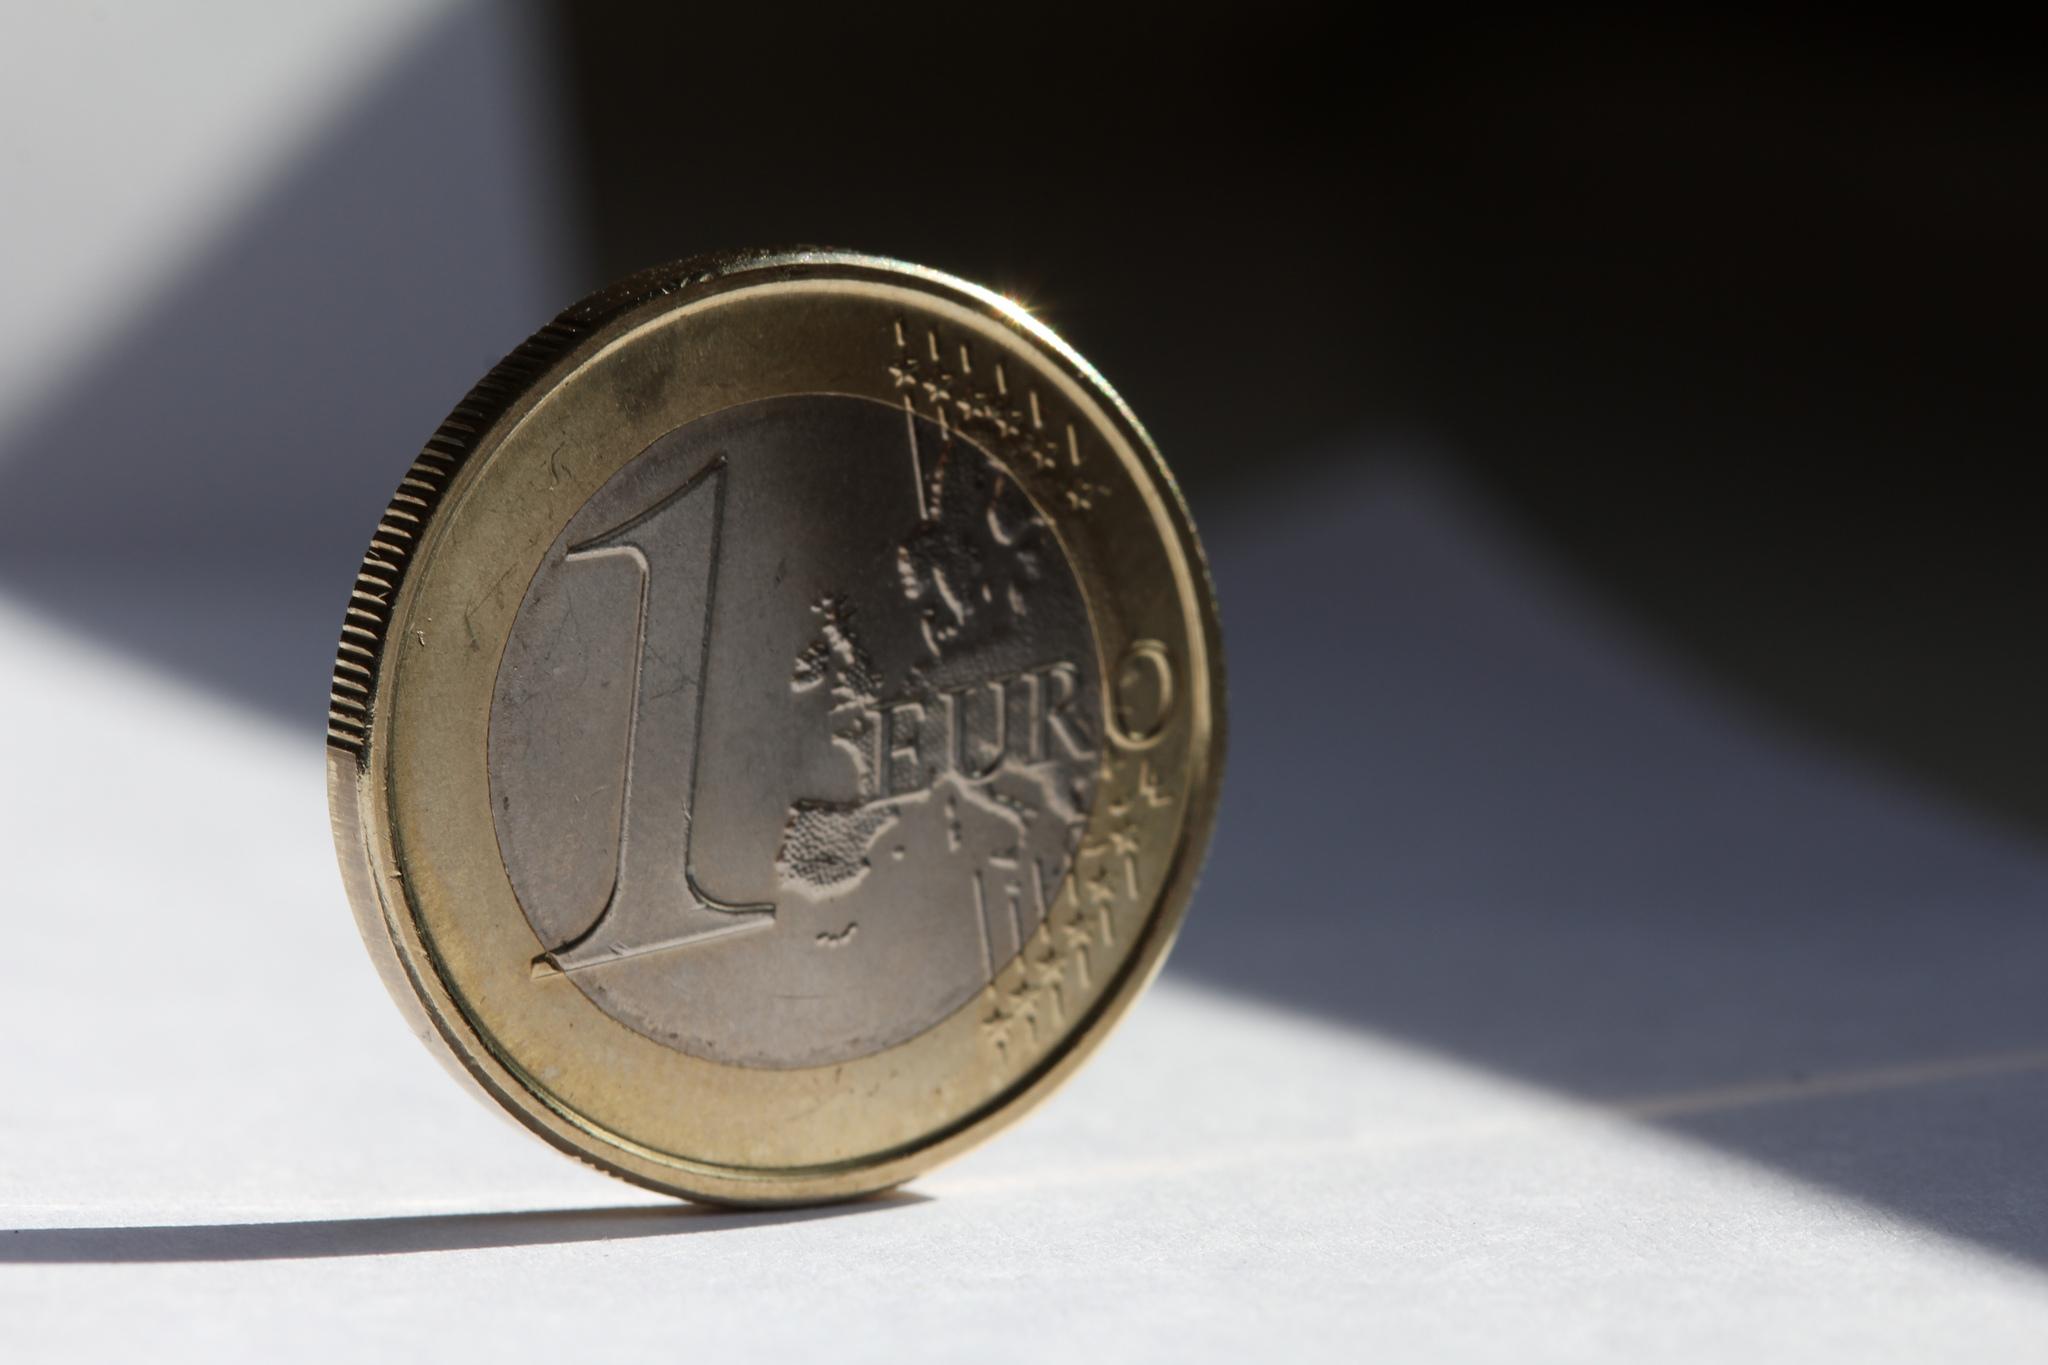 Come aumentare la propria autostima con 1 euro